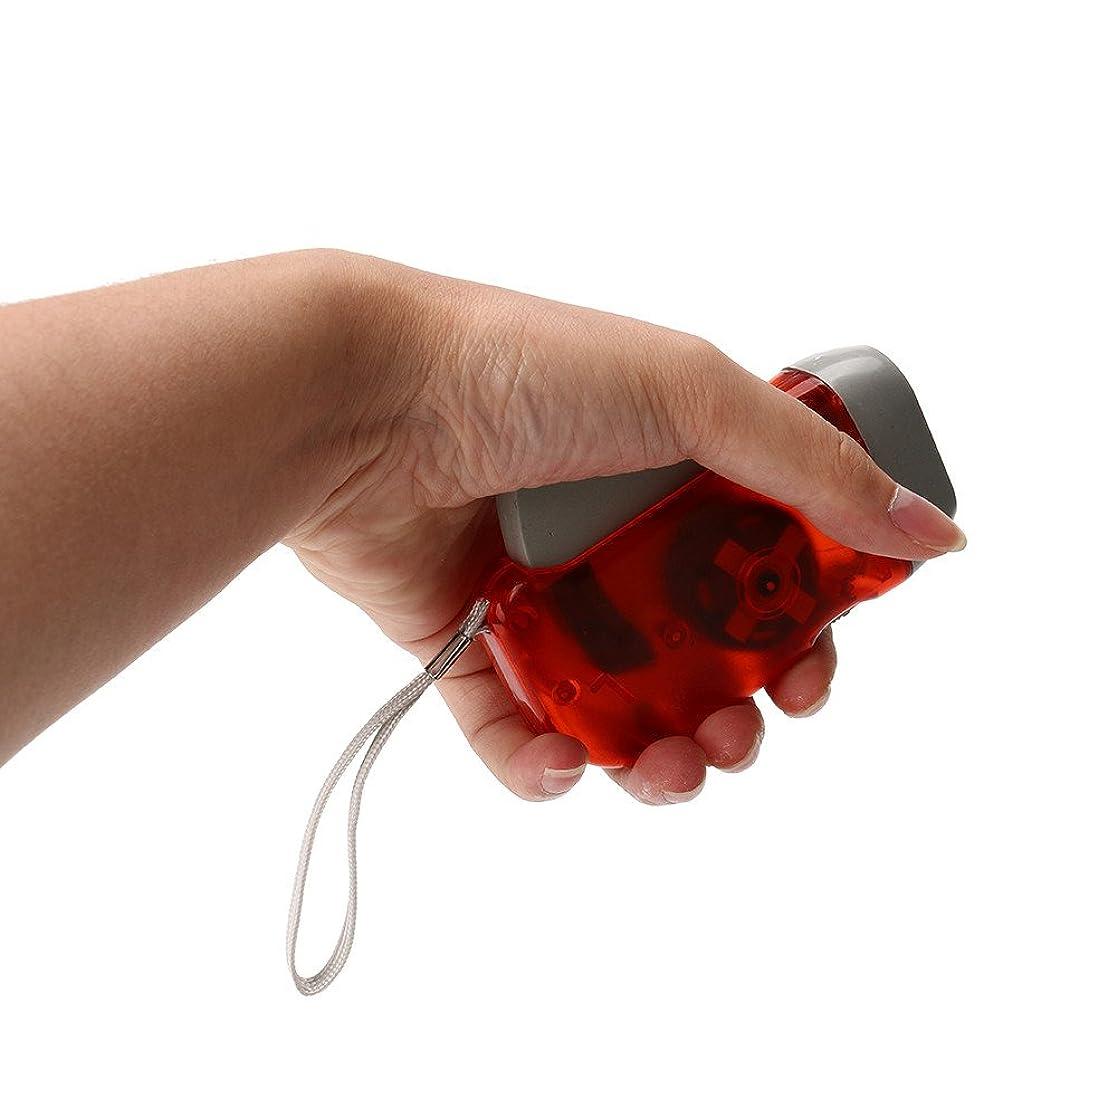 発電式LEDライトLEDライト BOBOGOJP ハンドプレッシング 懐中電灯 キャンプランプ 手動発電 電池不要 便利 軽い 手回し充電 フラッシュライト ハンディライト 防災グッズ (レッド)